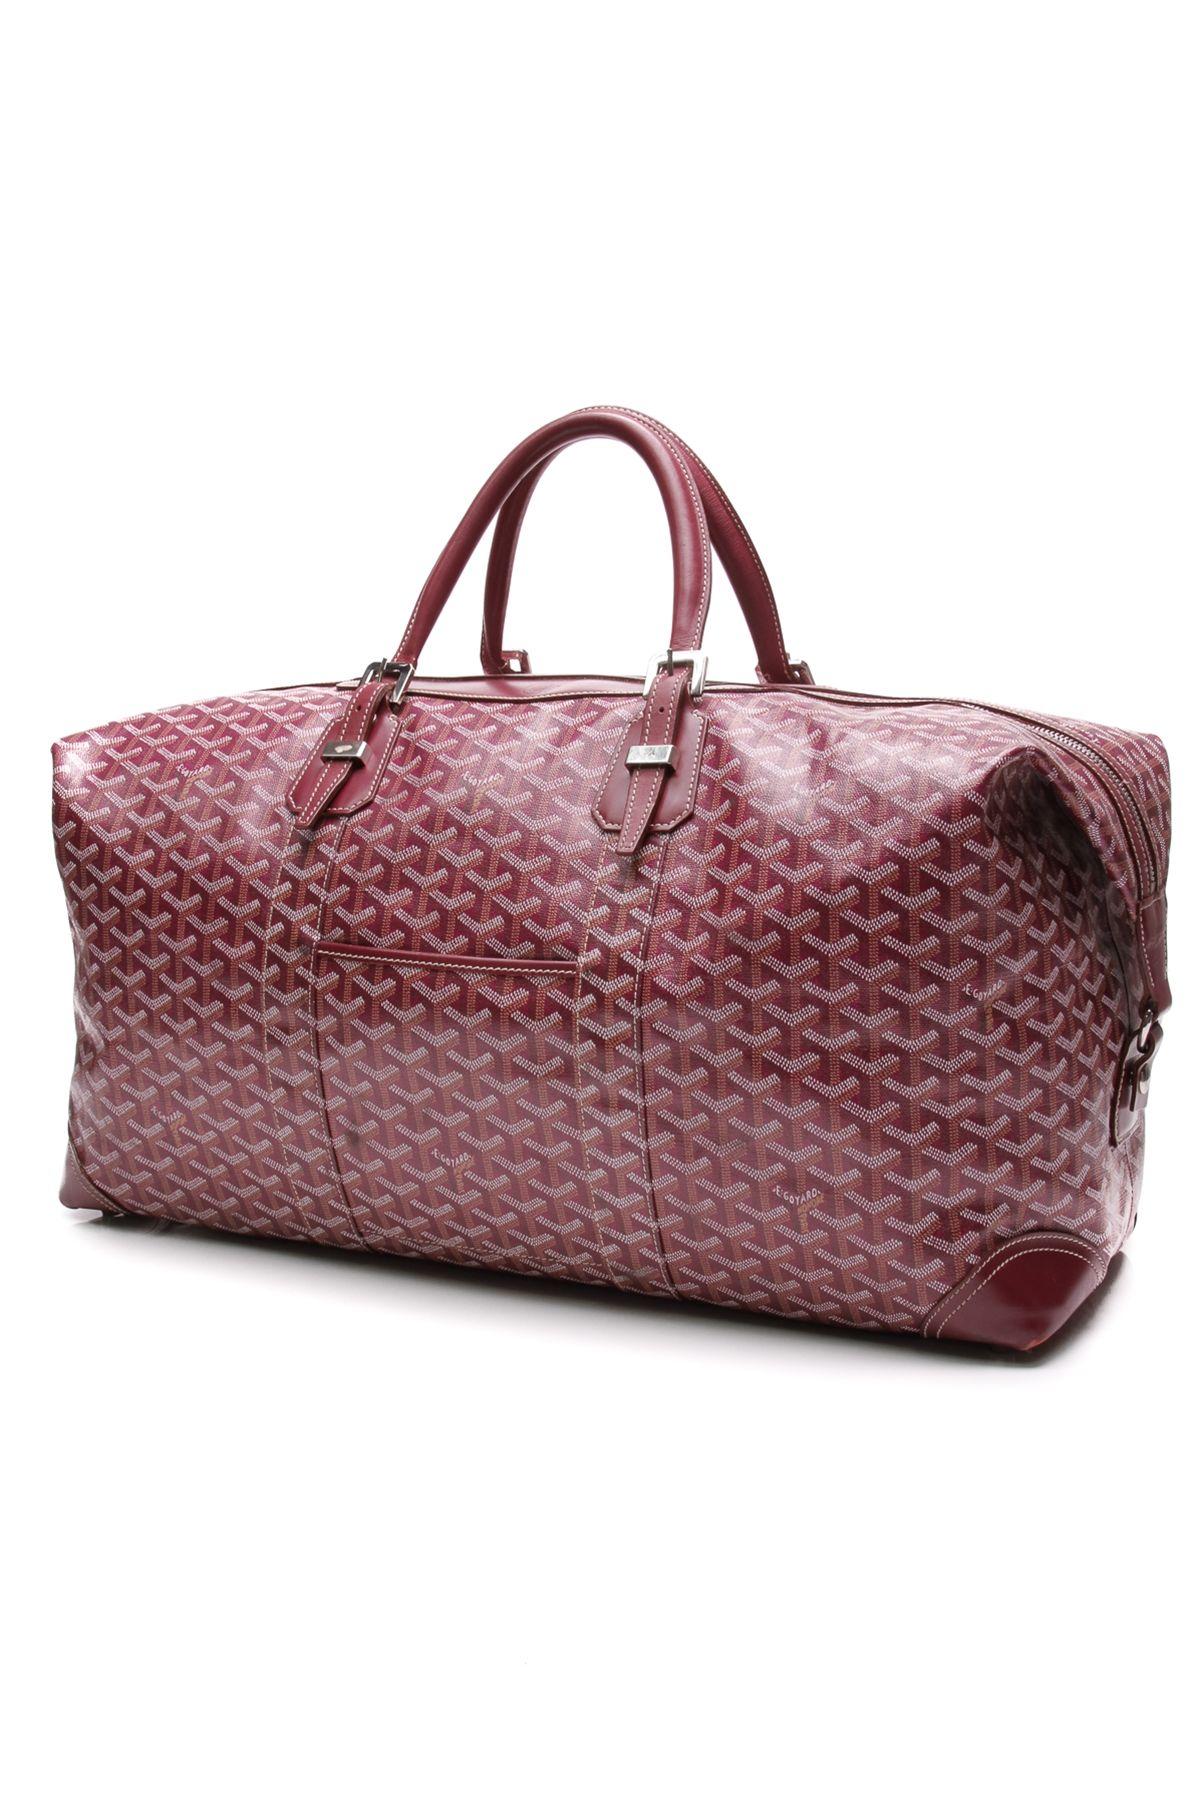 3b265950b5 Such a pretty Goyard travel bag